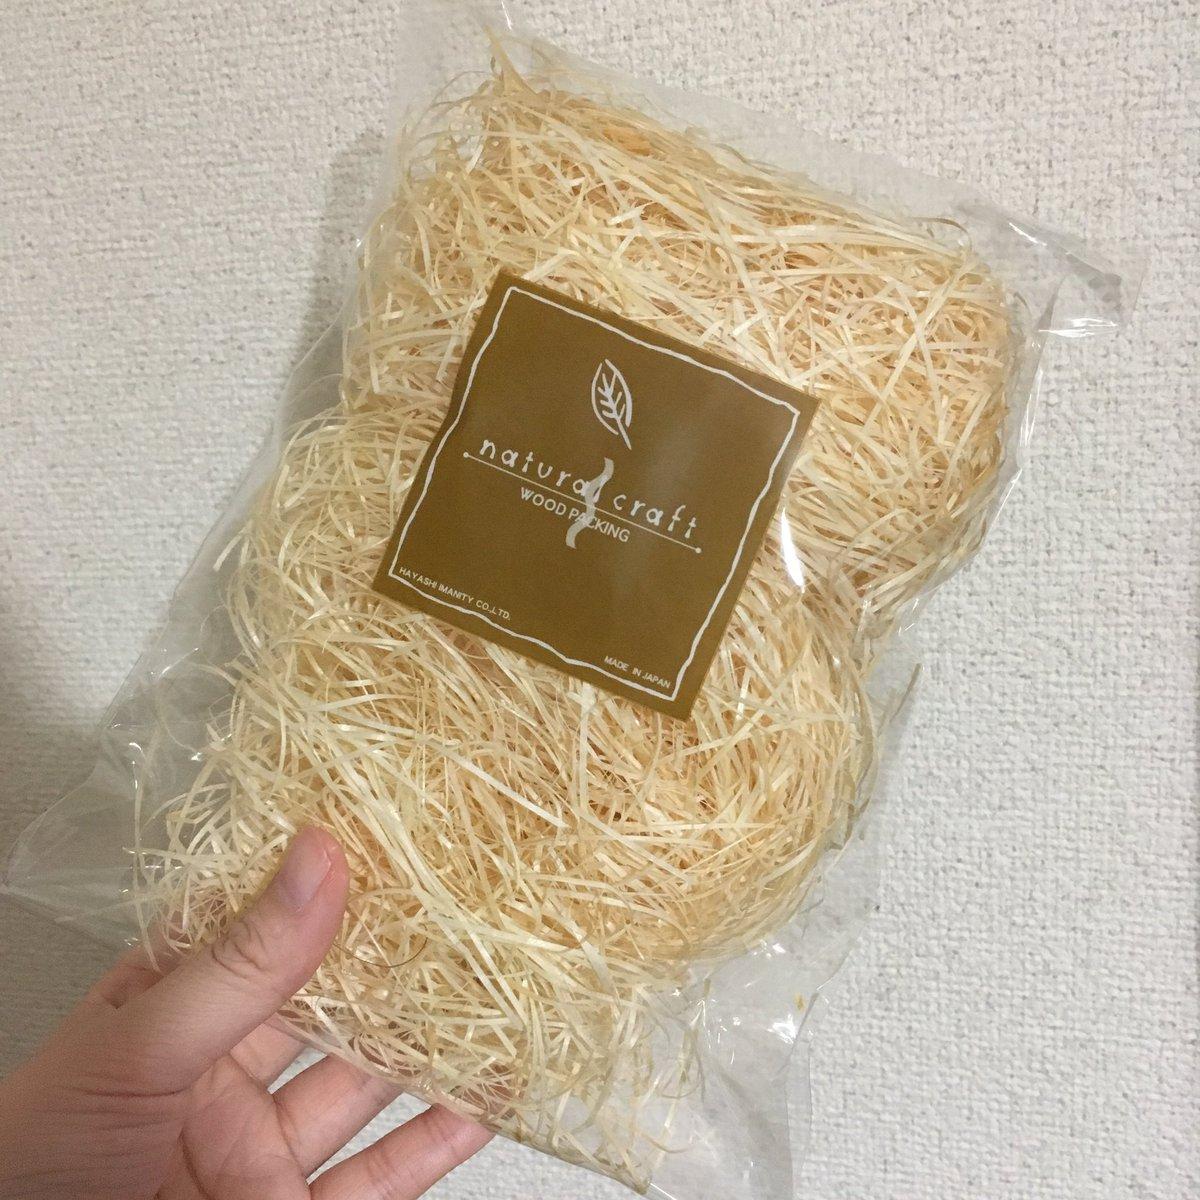 test ツイッターメディア - 先日クリックポスト用段ボールに詰めるウッドパッキンをSeriaで購入したのですが、とっても良いです☺︎♡  メイドインジャパンで、木の香りがふわ〜っと。結構ボリュームもあり使いやすかったです❁ (レザー商品は実際別布に入れてから梱包しています。)  #seria #梱包 https://t.co/oq7ET4Dq7v